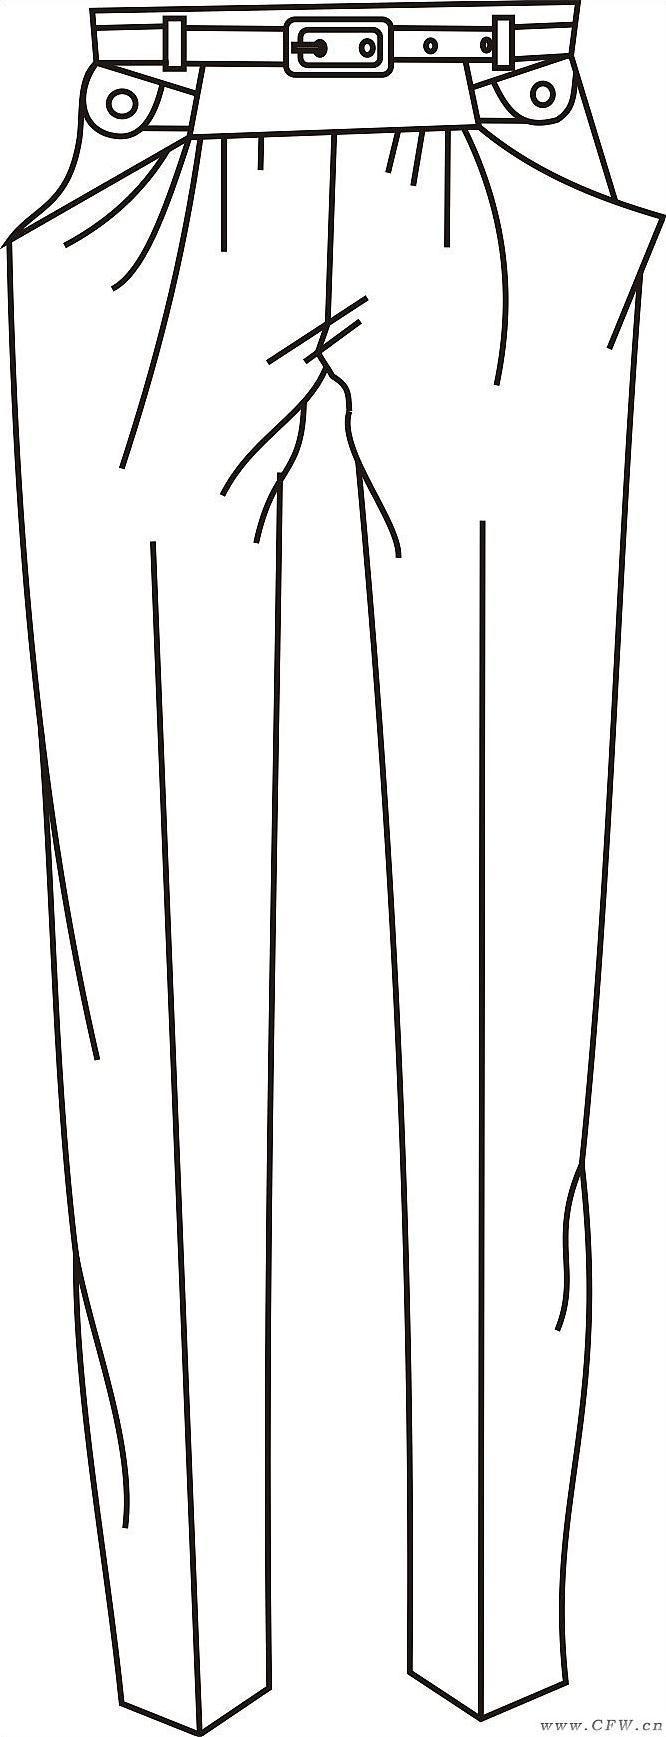 手绘女装矢量图